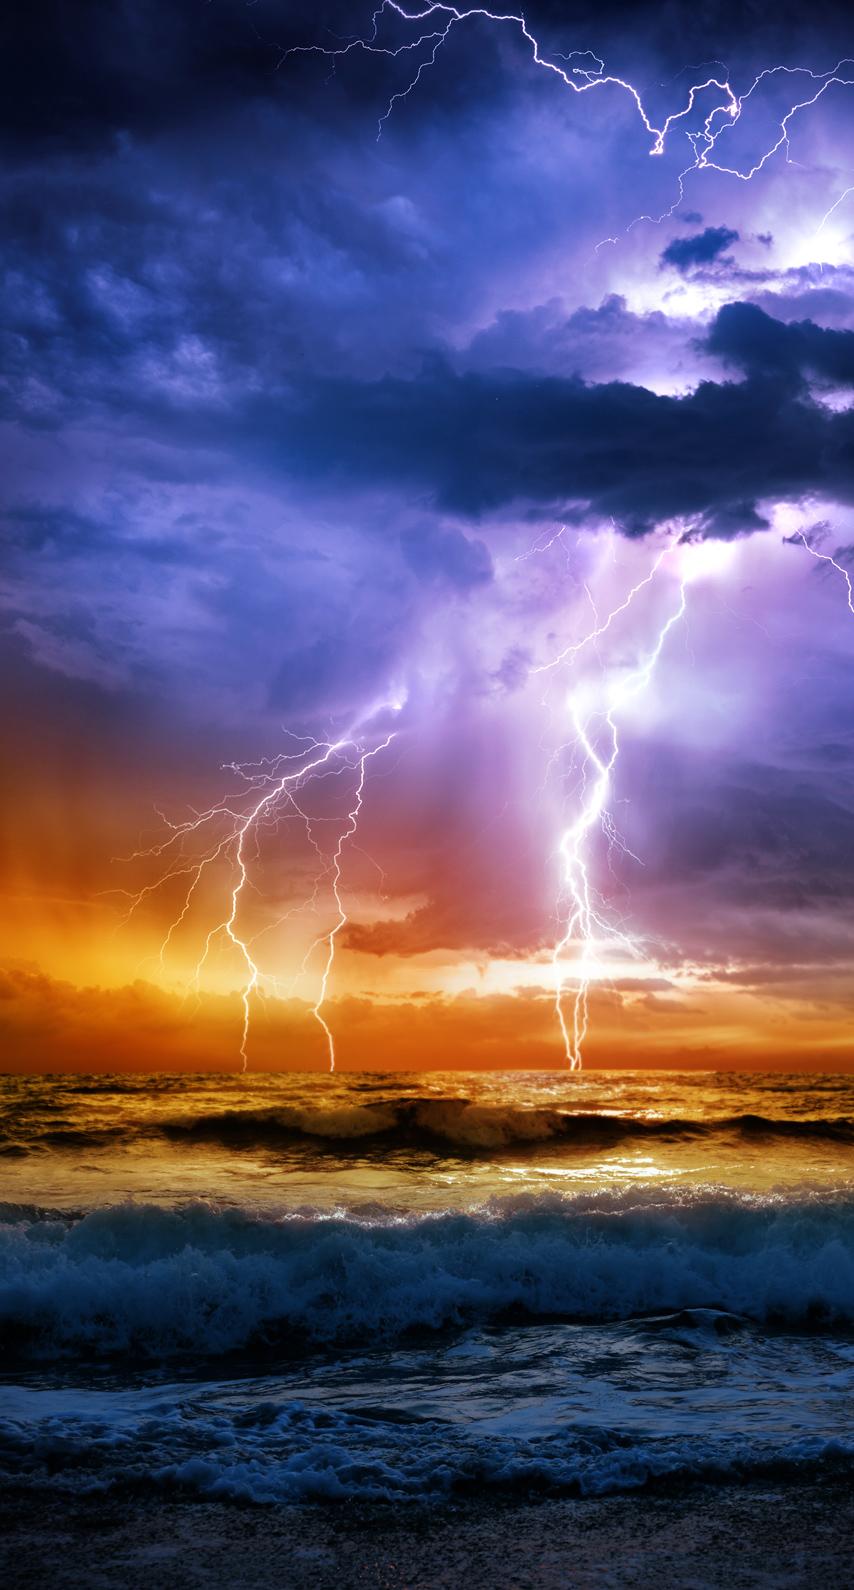 light, lightning